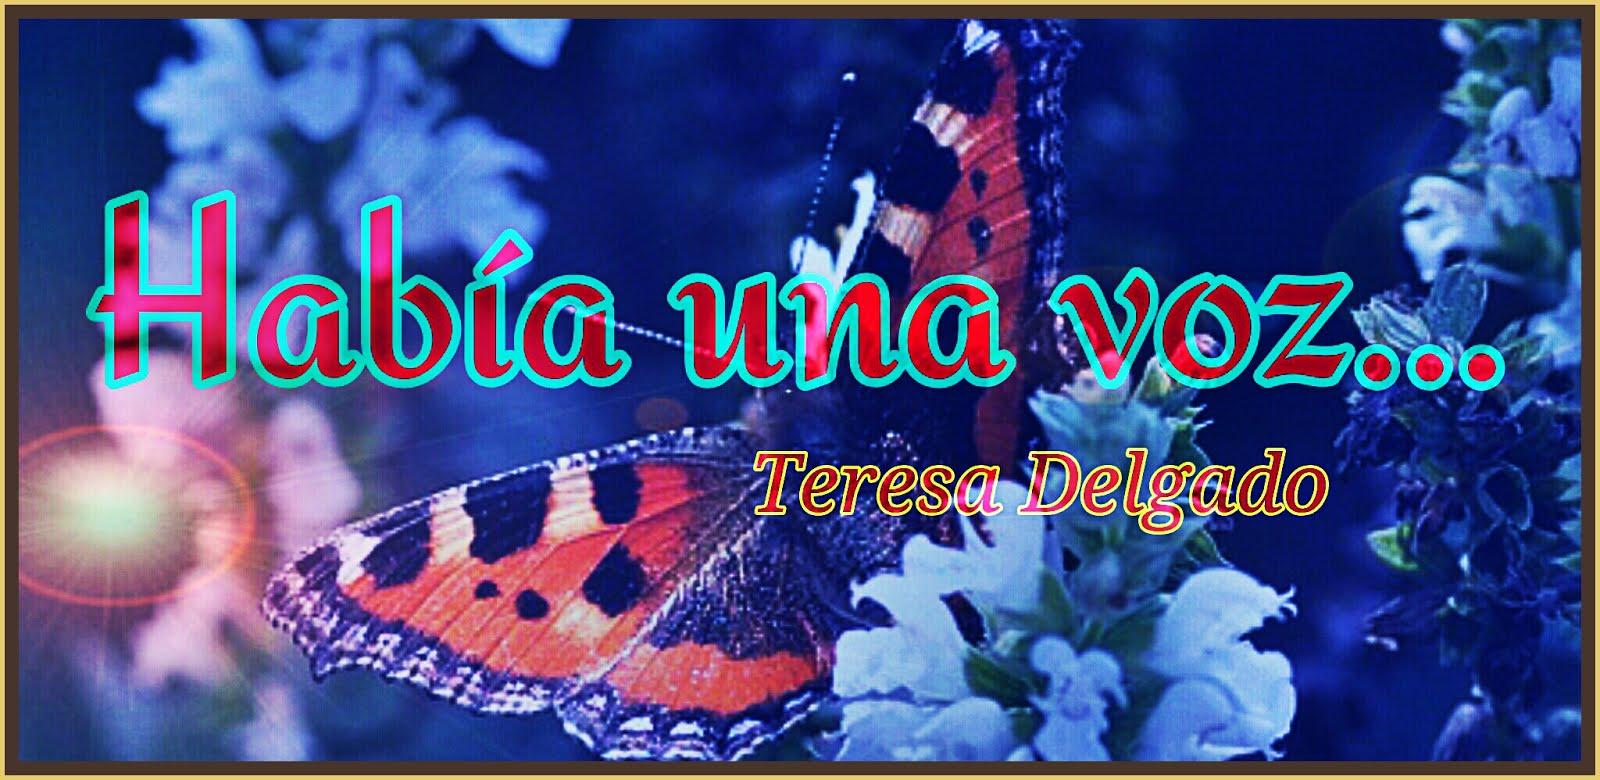 HABÍA UNA VOZ...( Teresa Delgado)